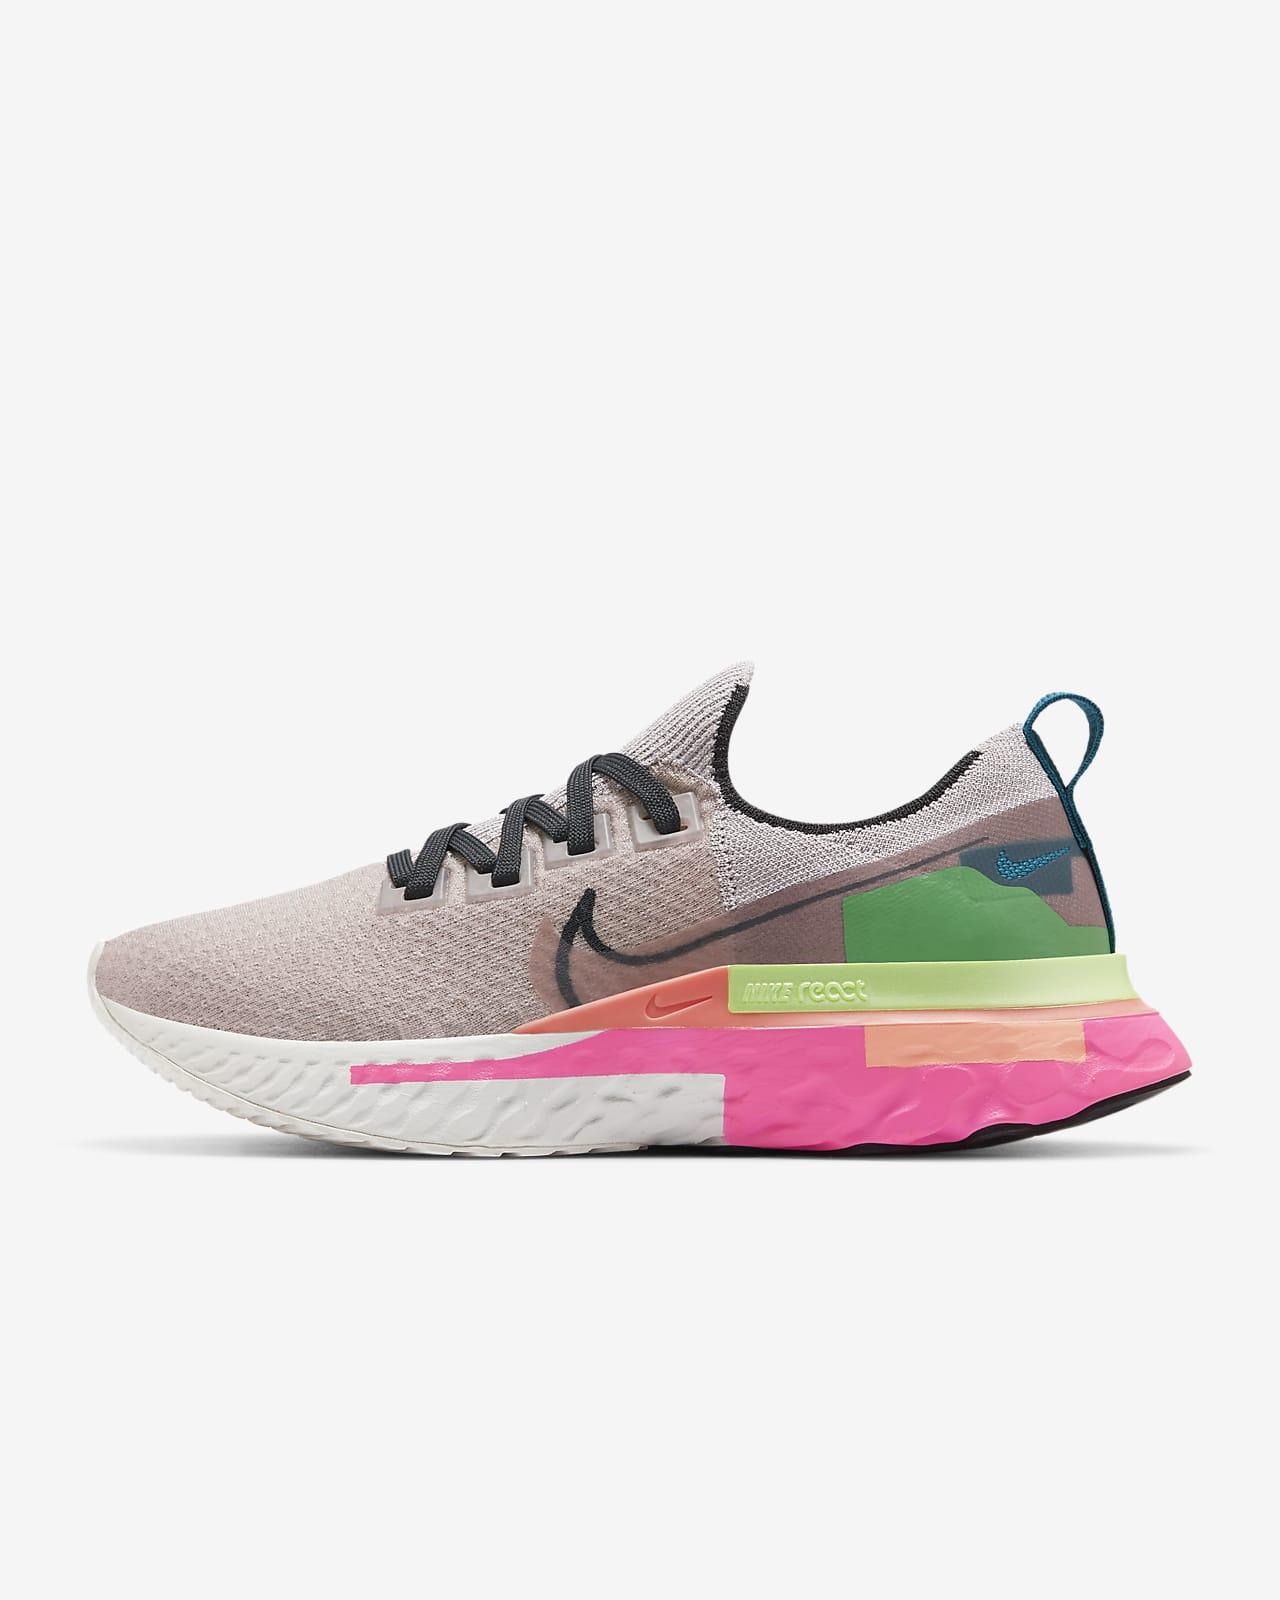 รองเท้าวิ่งผู้หญิง Nike React Infinity Run Flyknit Premium